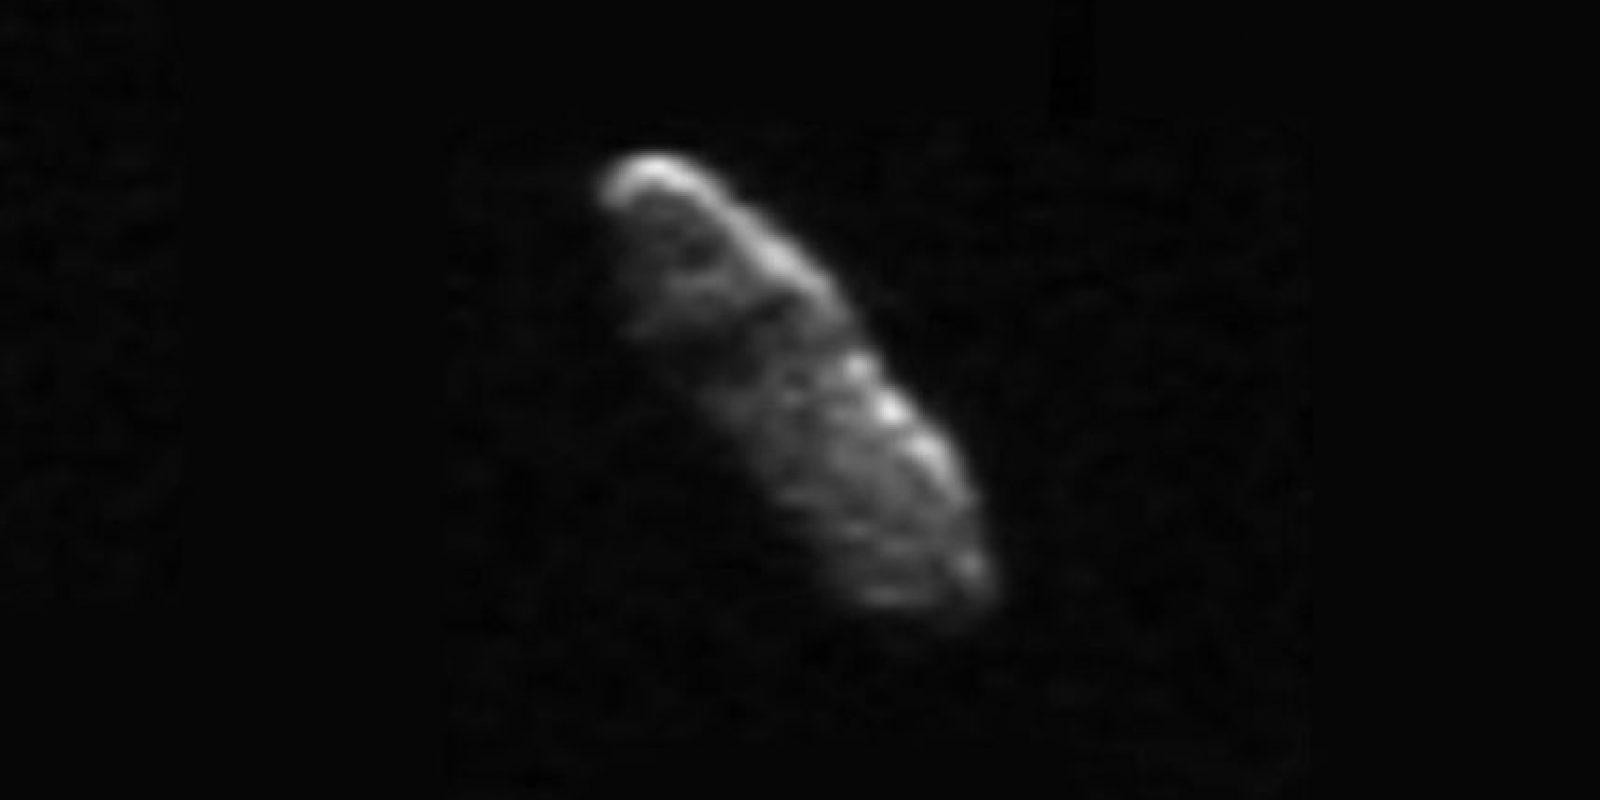 Debido a su distancia la nasa a requerido de telescopios especiales en su investigación. Foto:nasa.gov